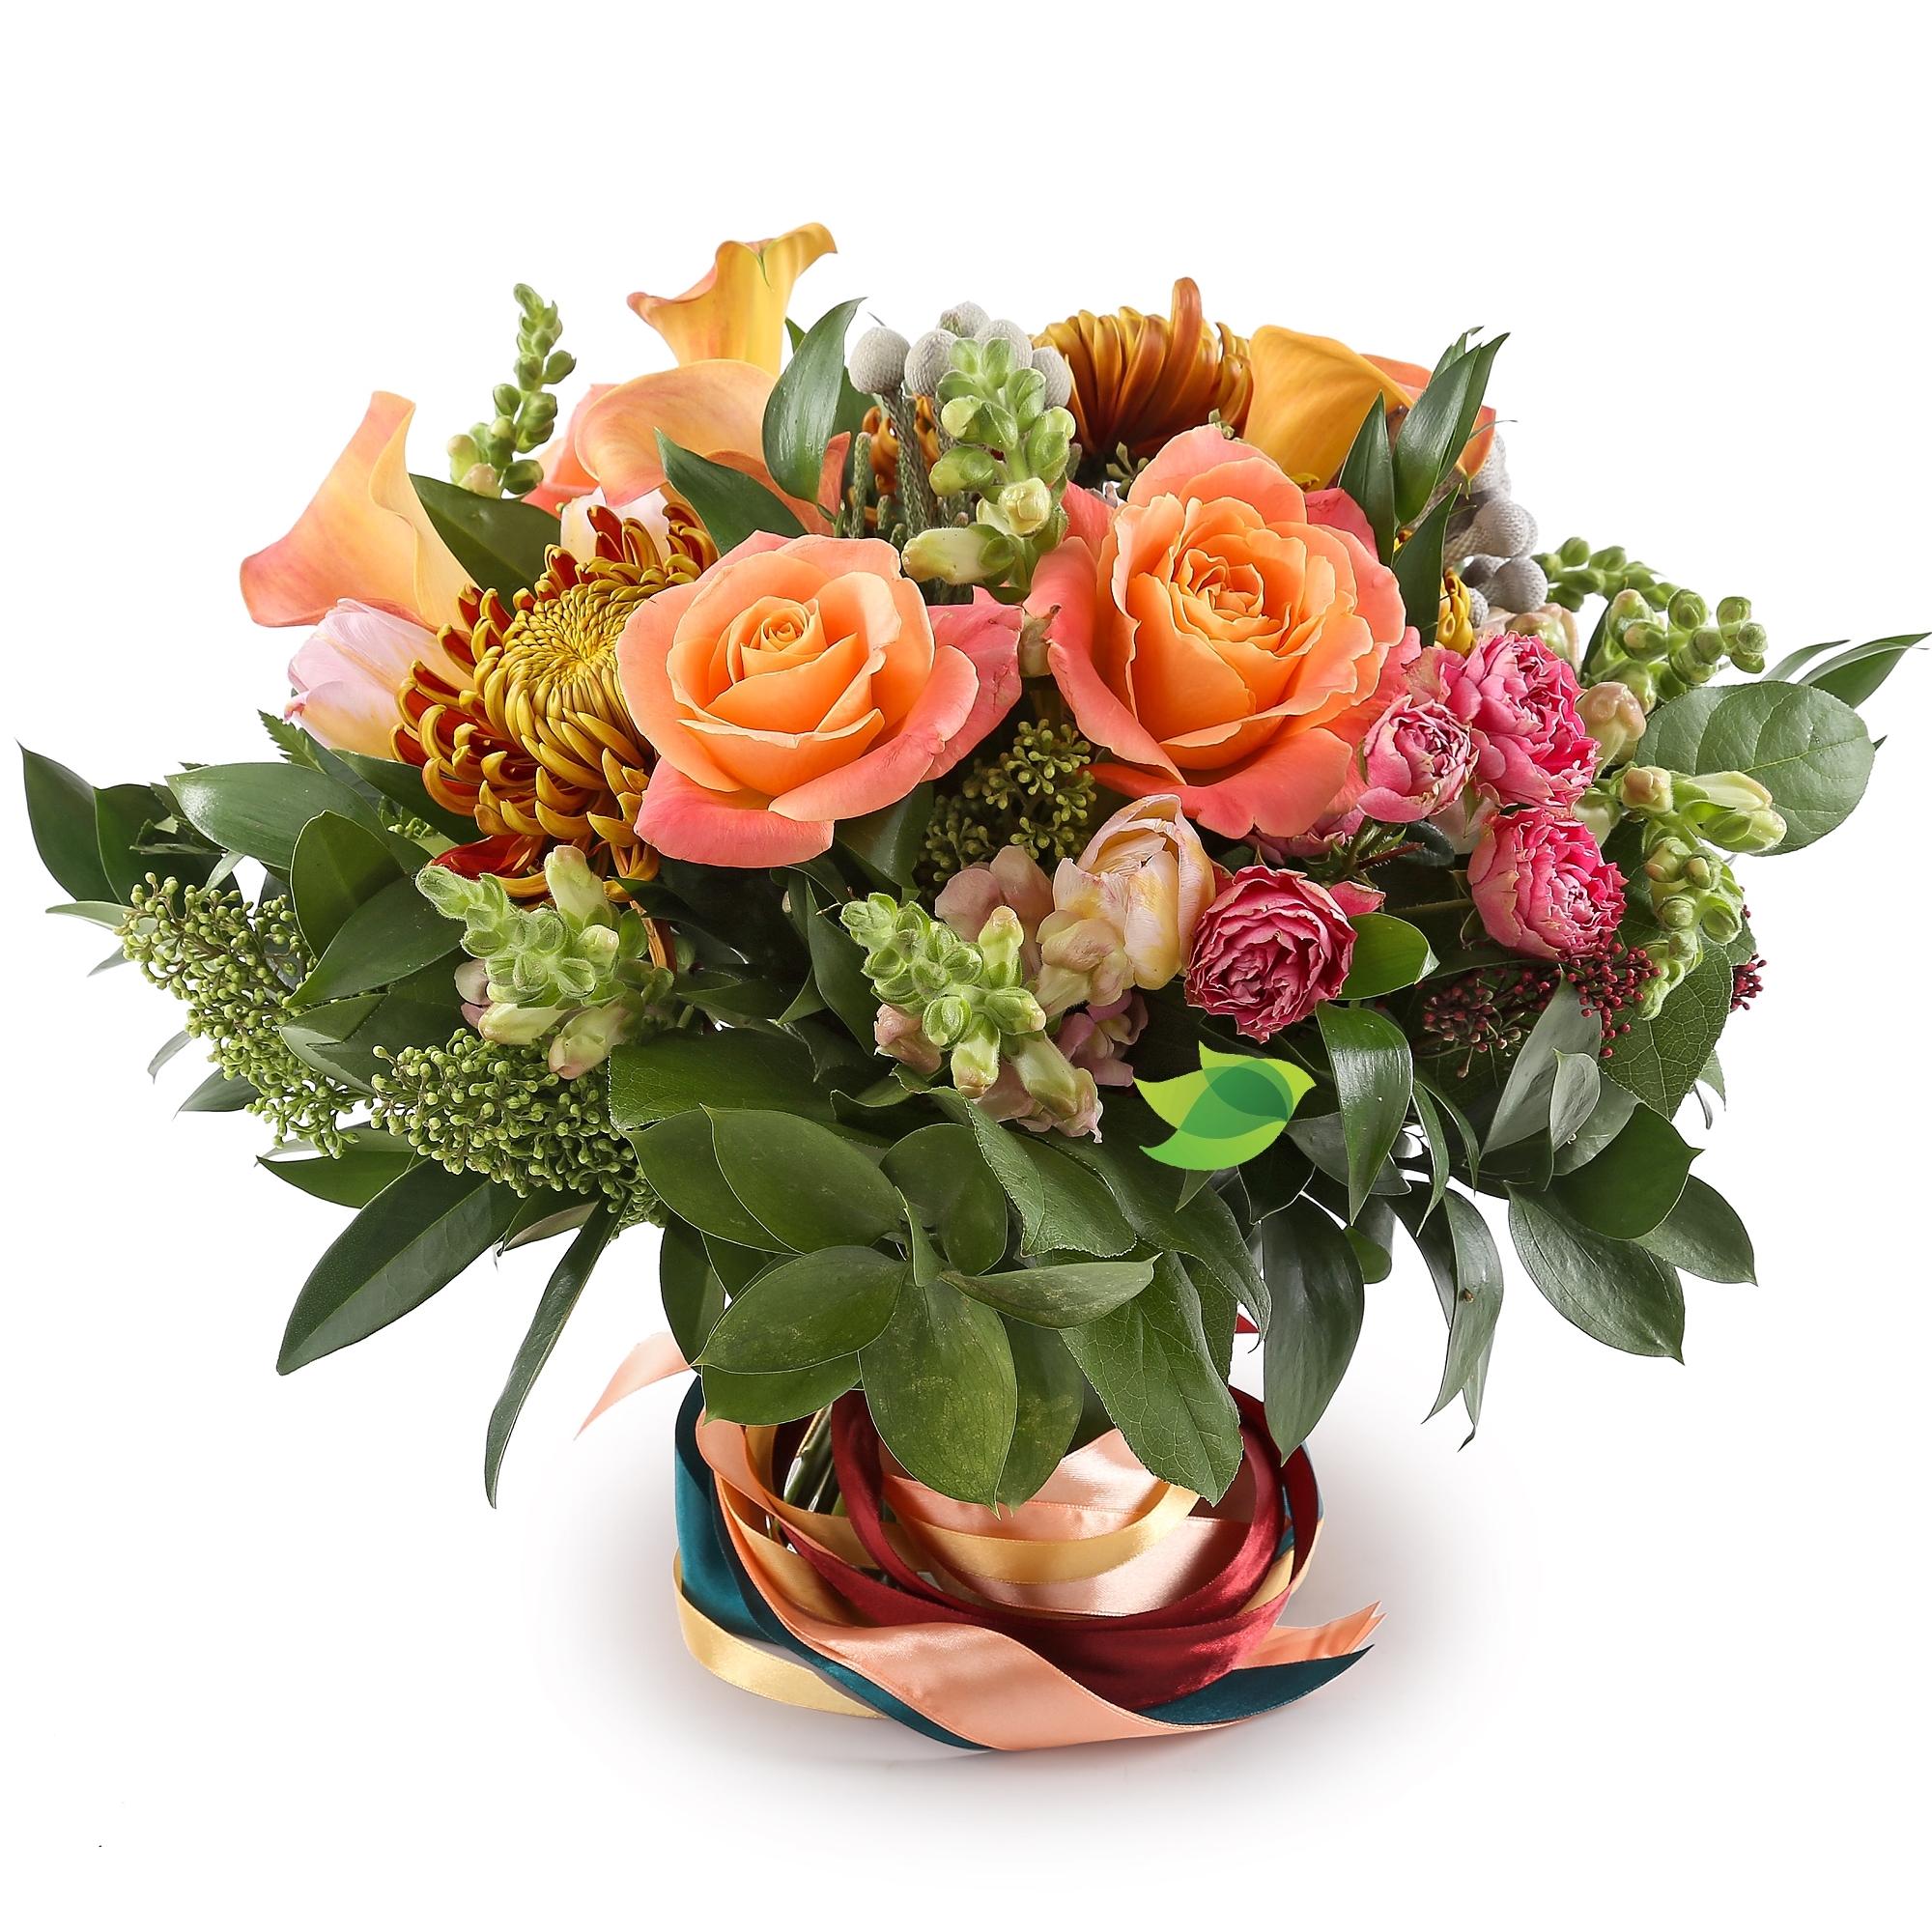 Фото букета: Хризантемы и розы